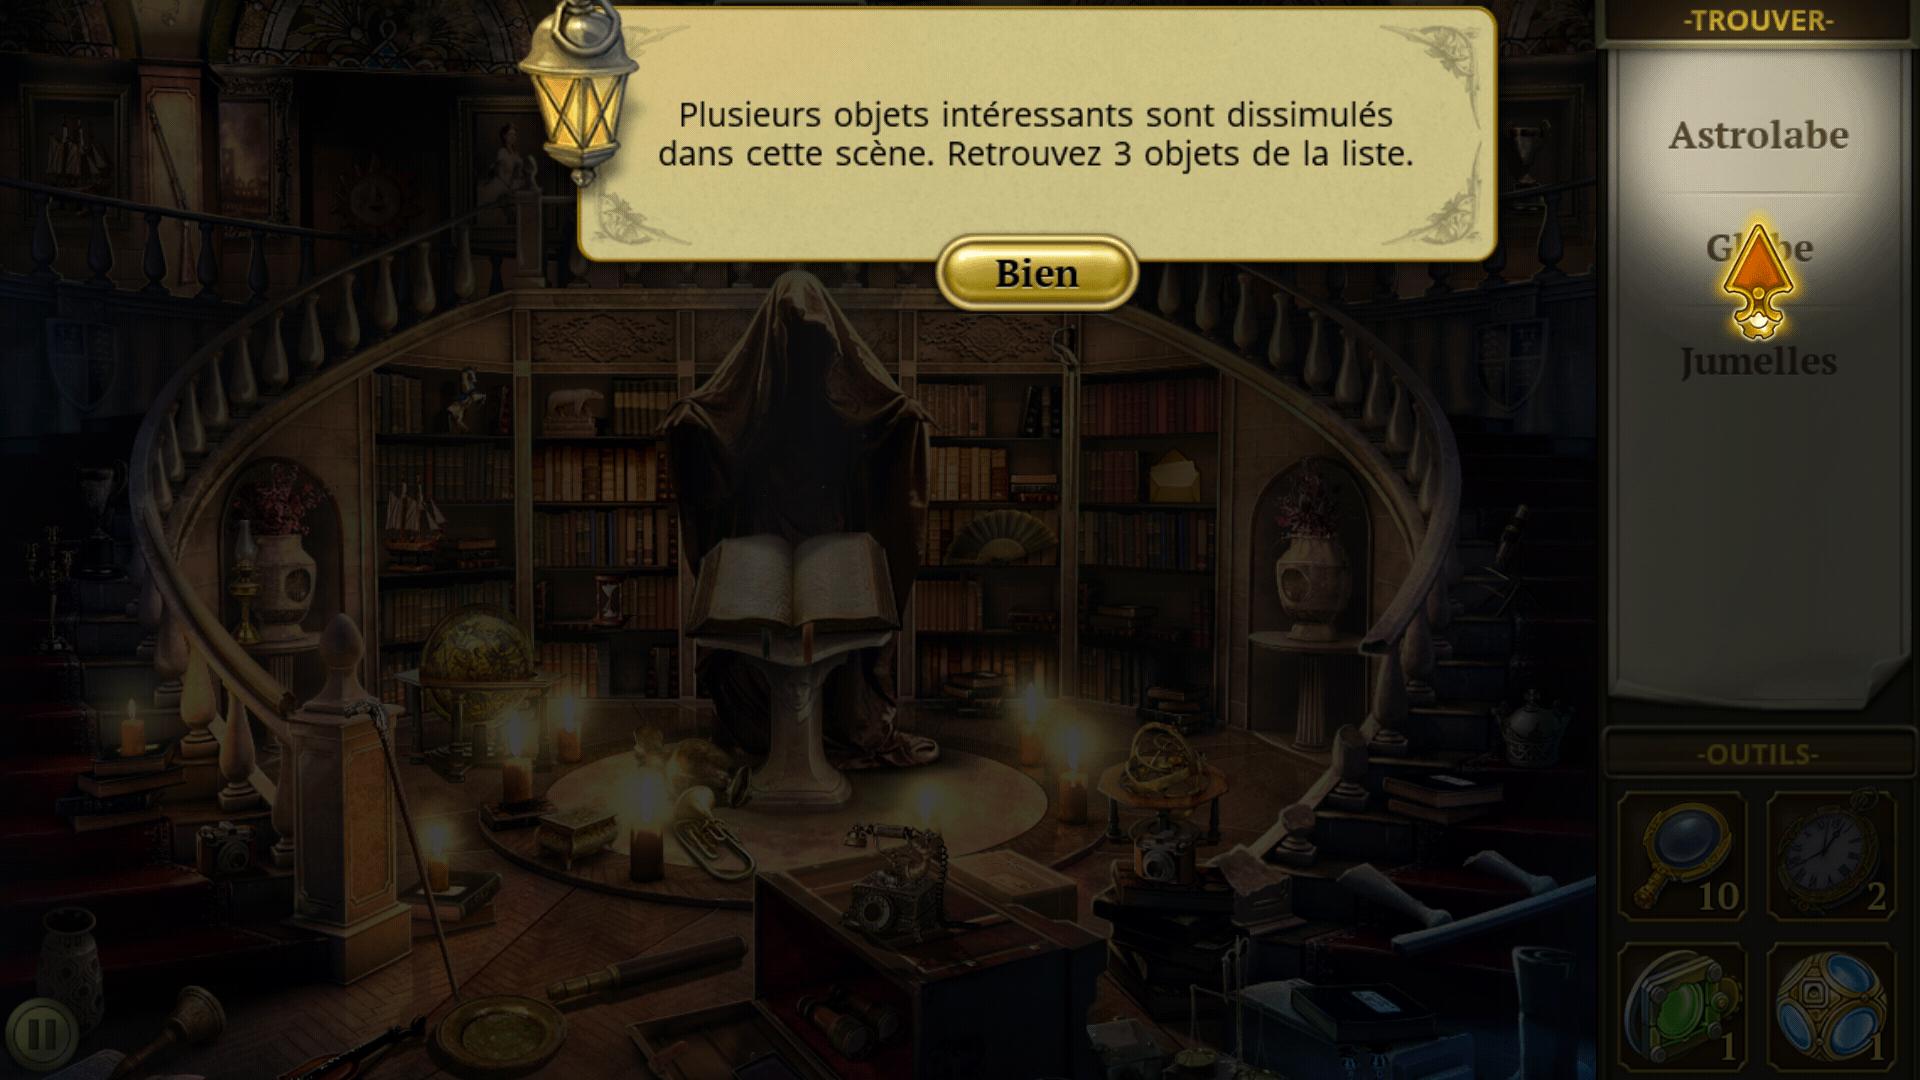 Les Meilleurs Jeux D'enquête Et D'objets Cachés Pour Android intérieur Jeux Ou Il Faut Retrouver Des Objets